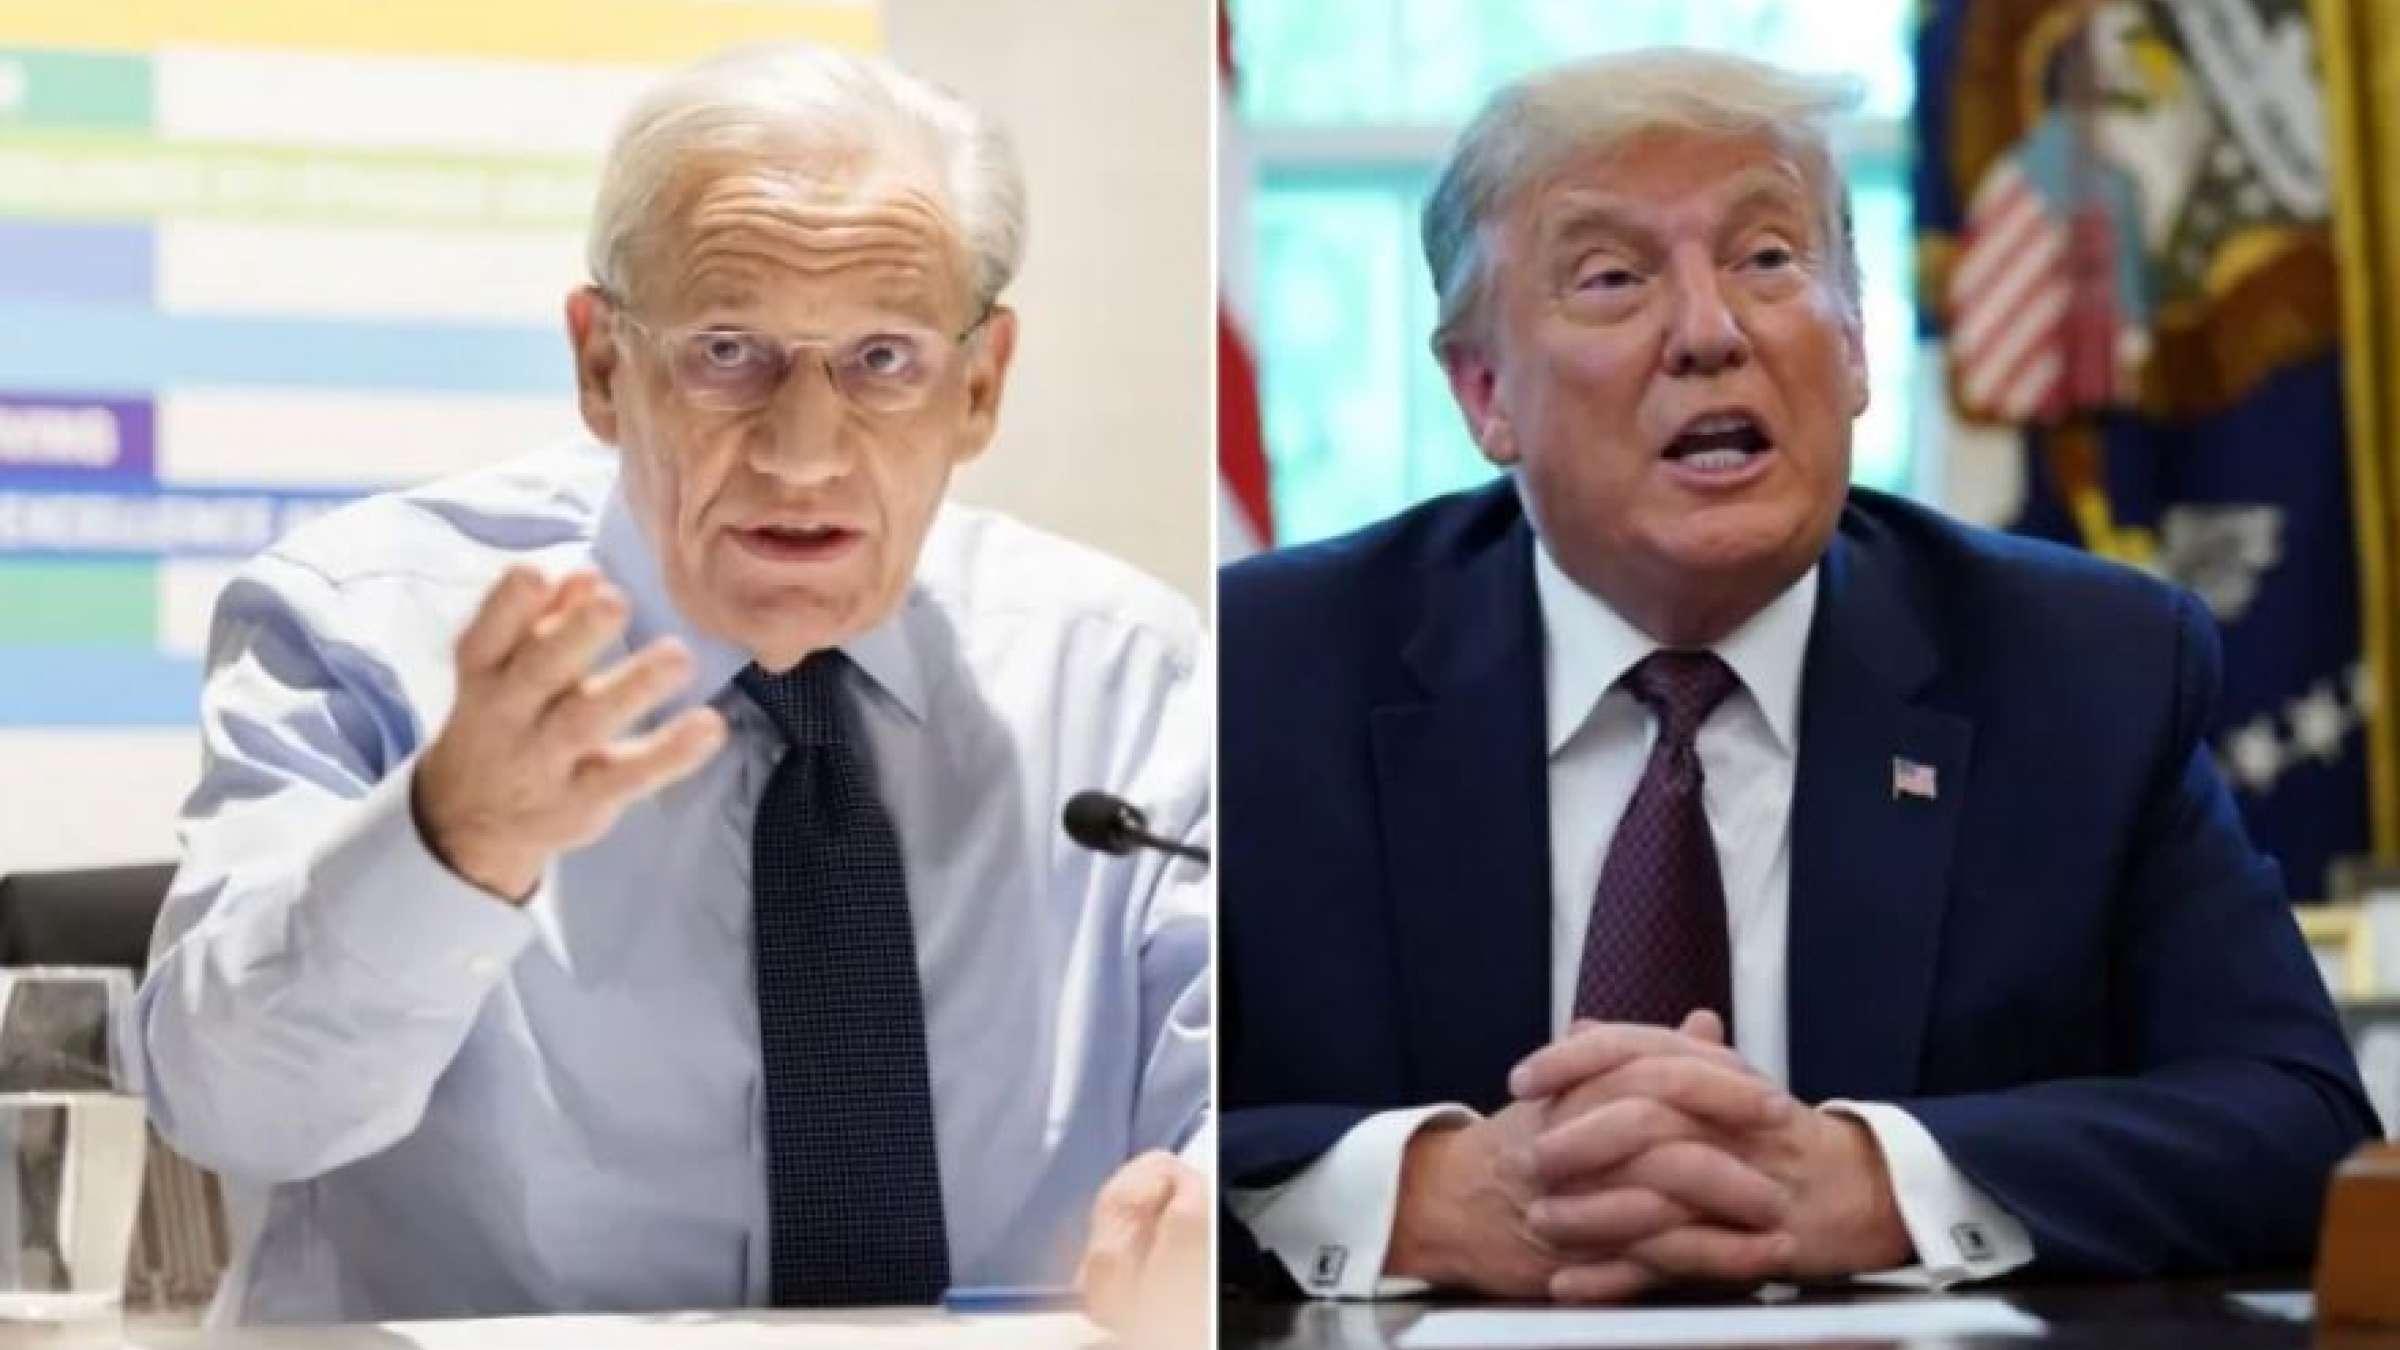 باب-وودوارد-ترامپ-آدم-اشتباهی-است-قهوه-مجریه-آمریکا-دچار-یک-شکست- عصبی-شده-است